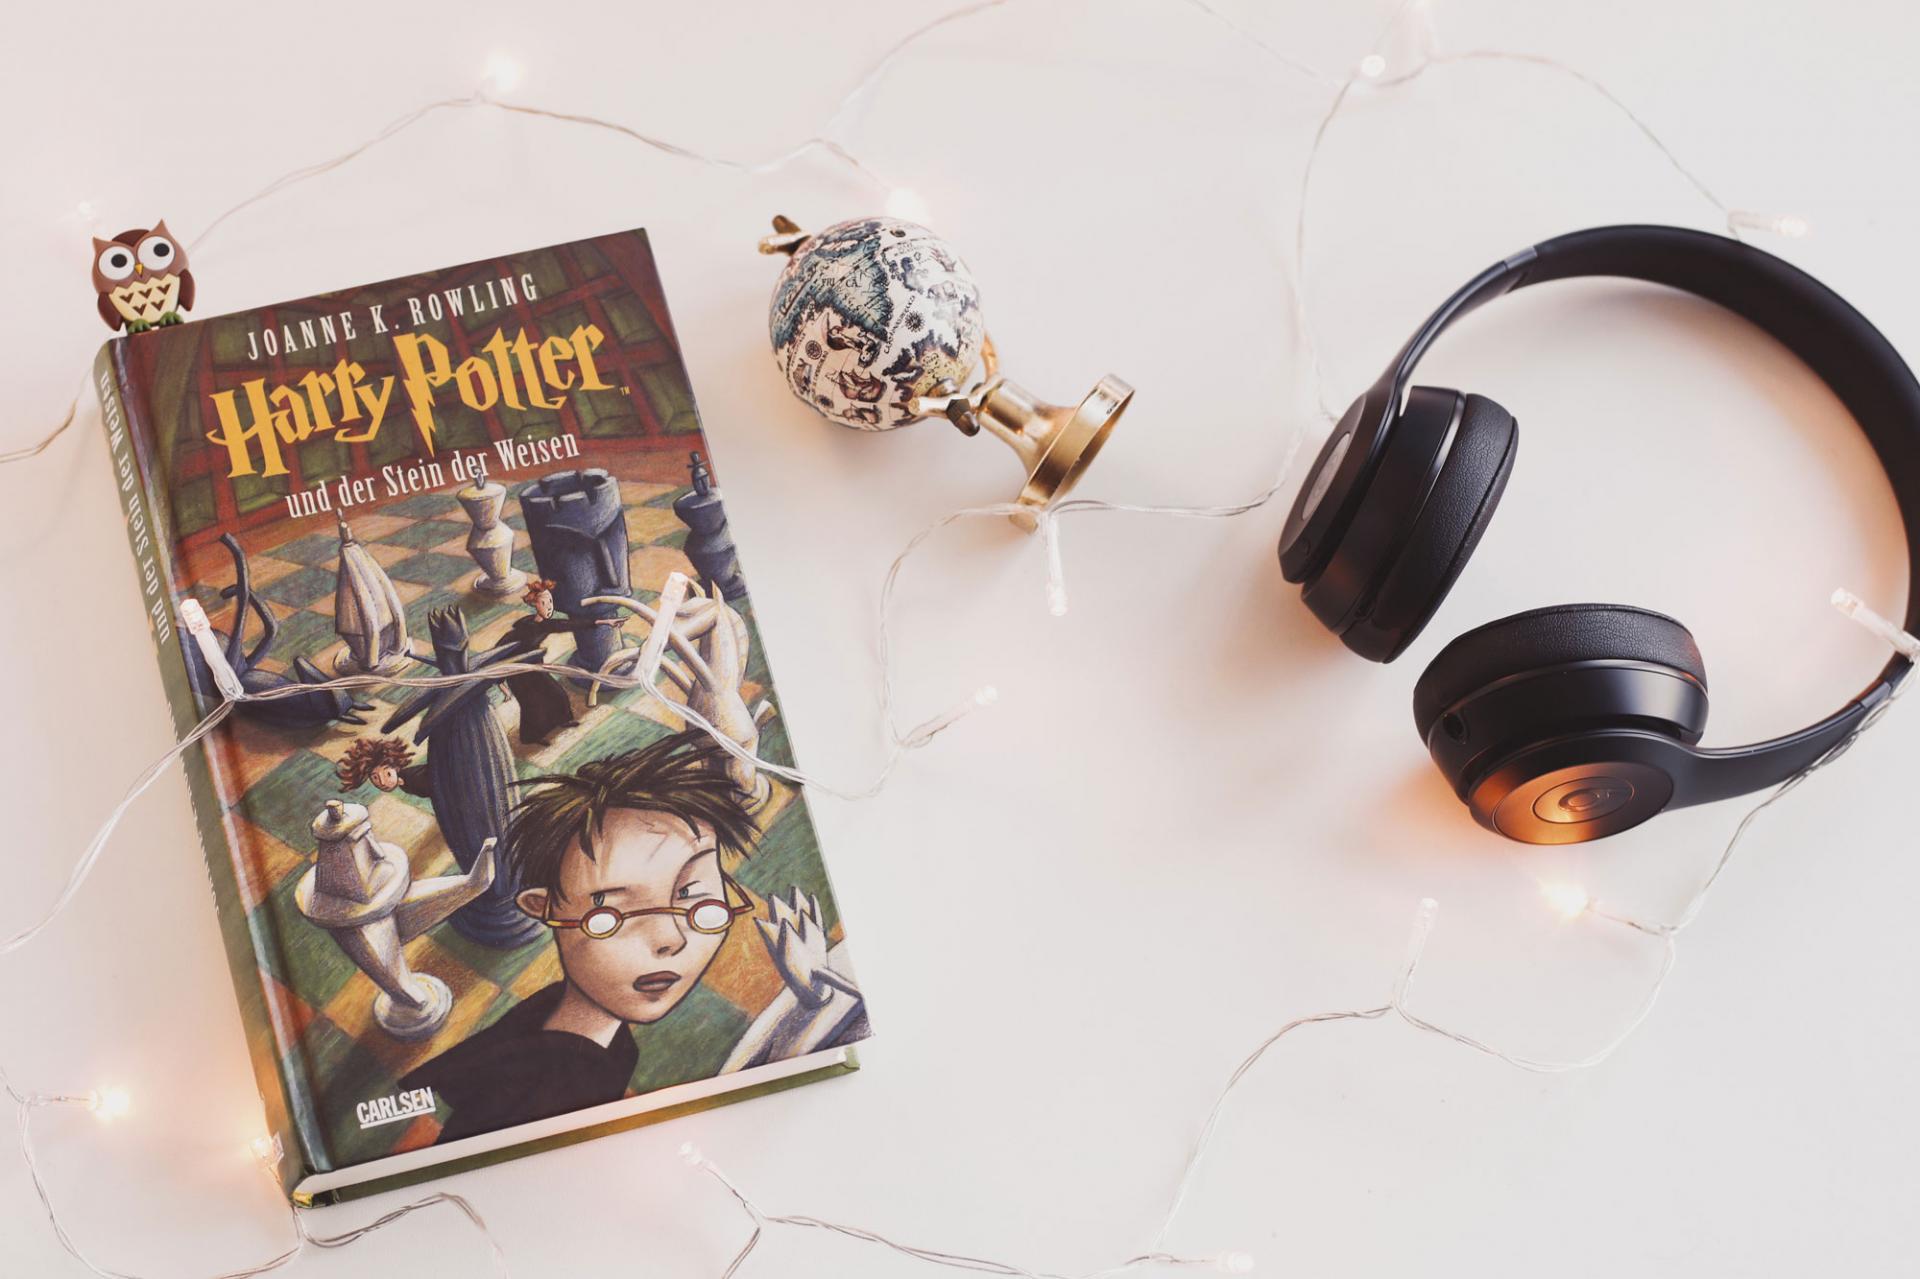 Аудиокнига Гарри Поттер ифилософский камень бесплатна для фанатов